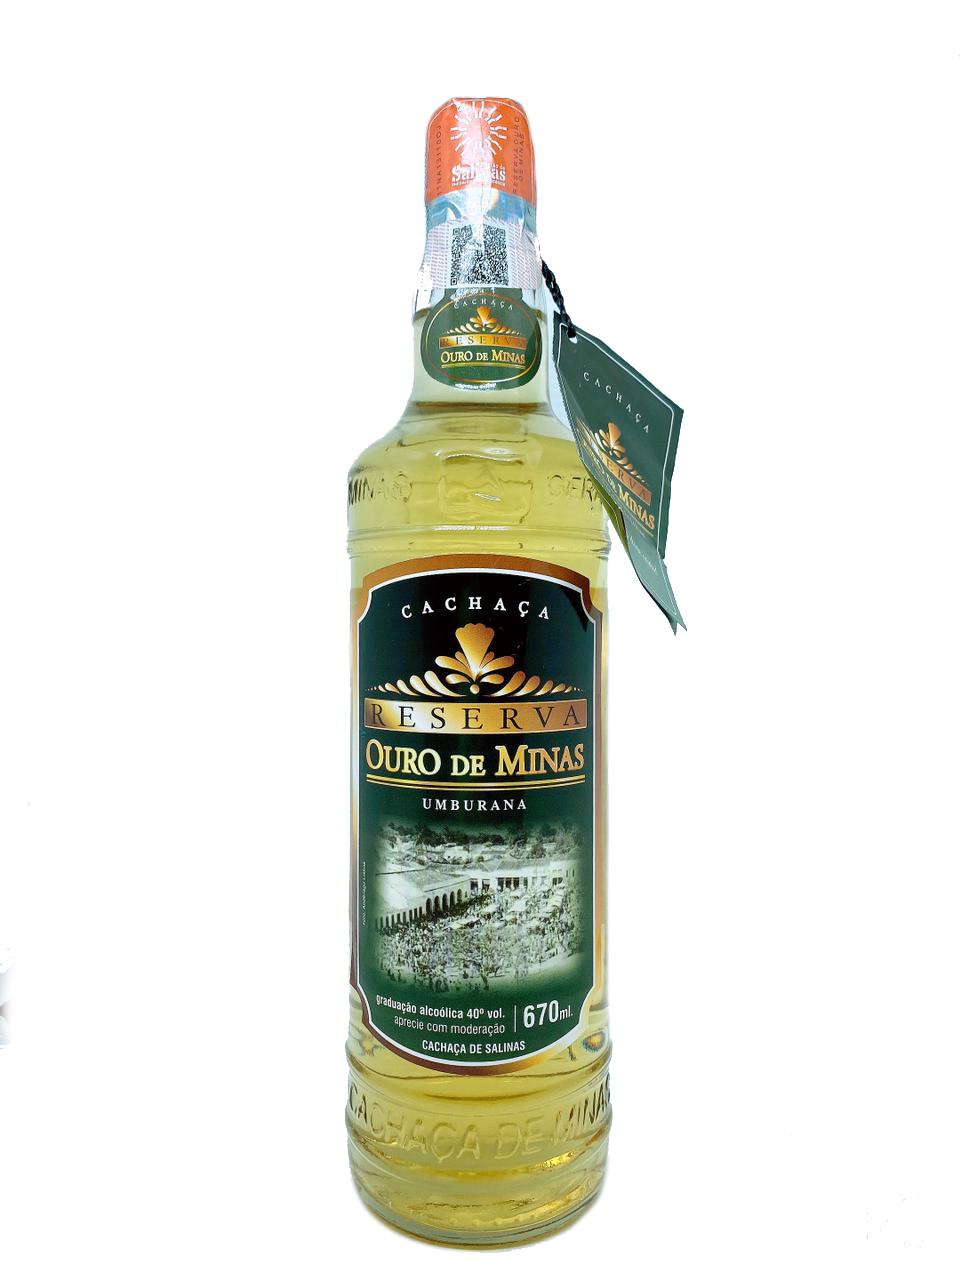 Cachaça Reserva Ouro de Minas 700ml